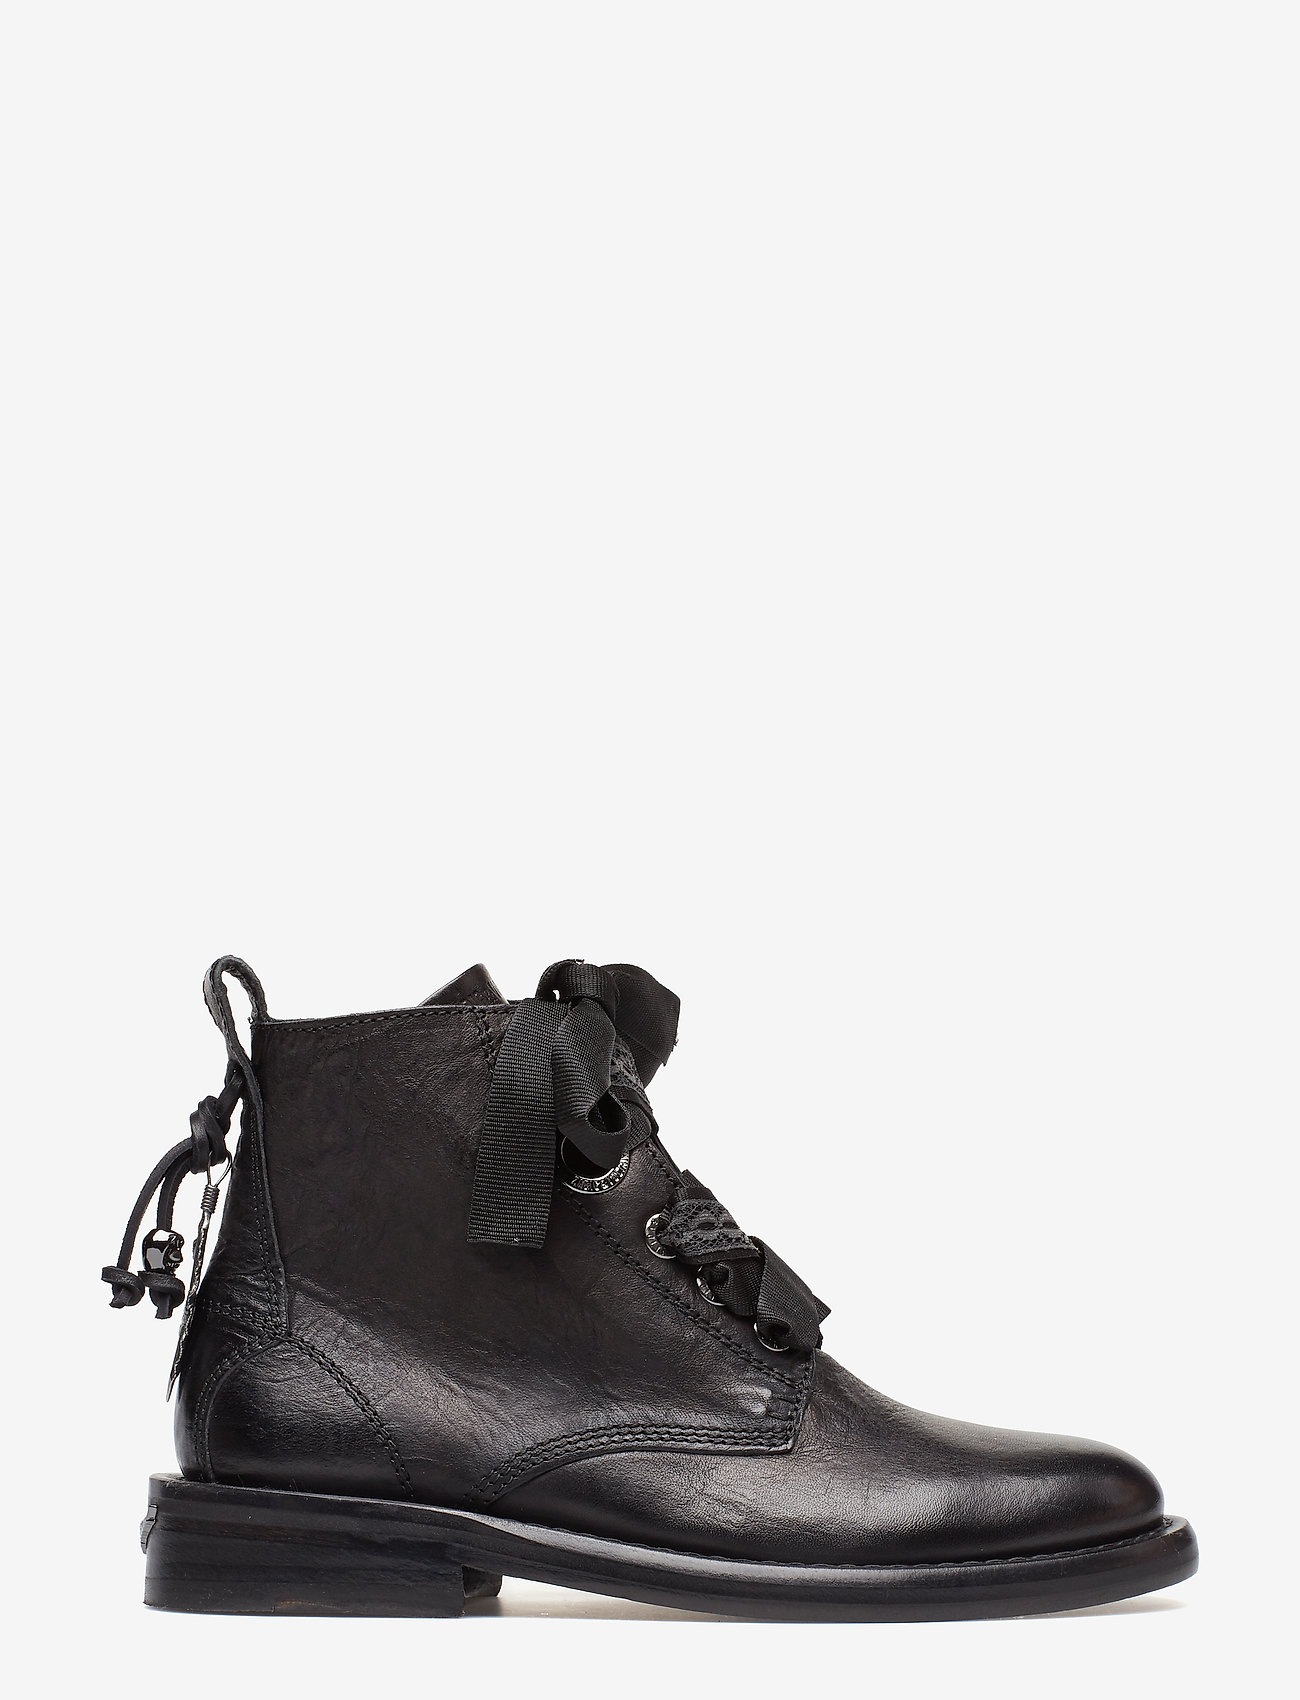 Zadig & Voltaire - LAUREEN ROMA SHOES - flade ankelstøvler - black - 1